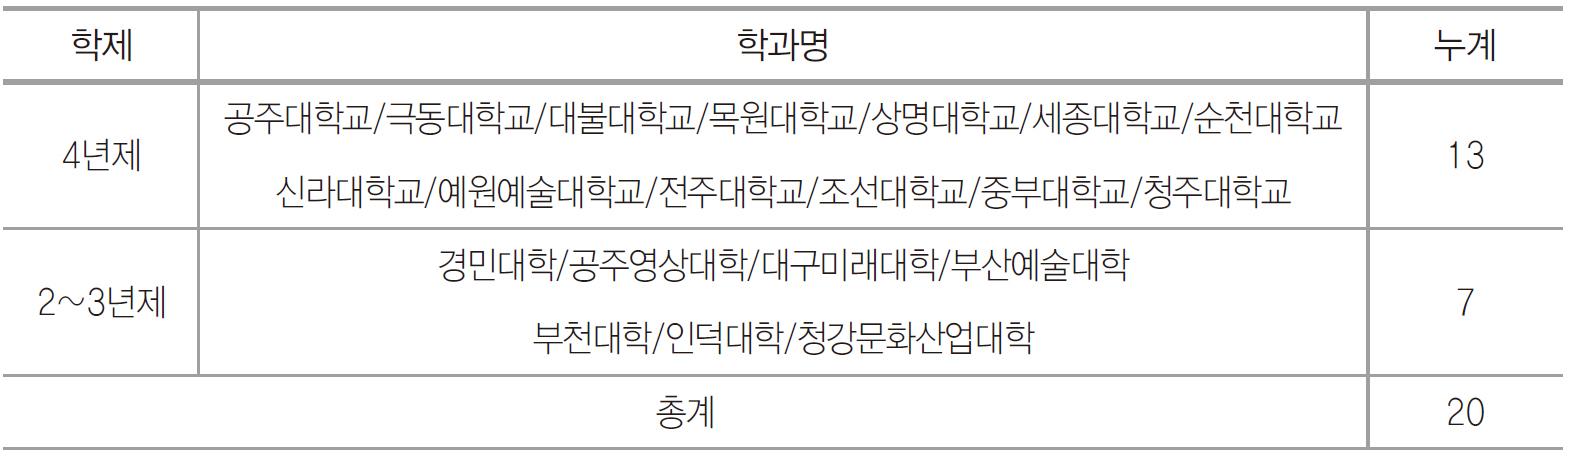 김병수-1.jpg